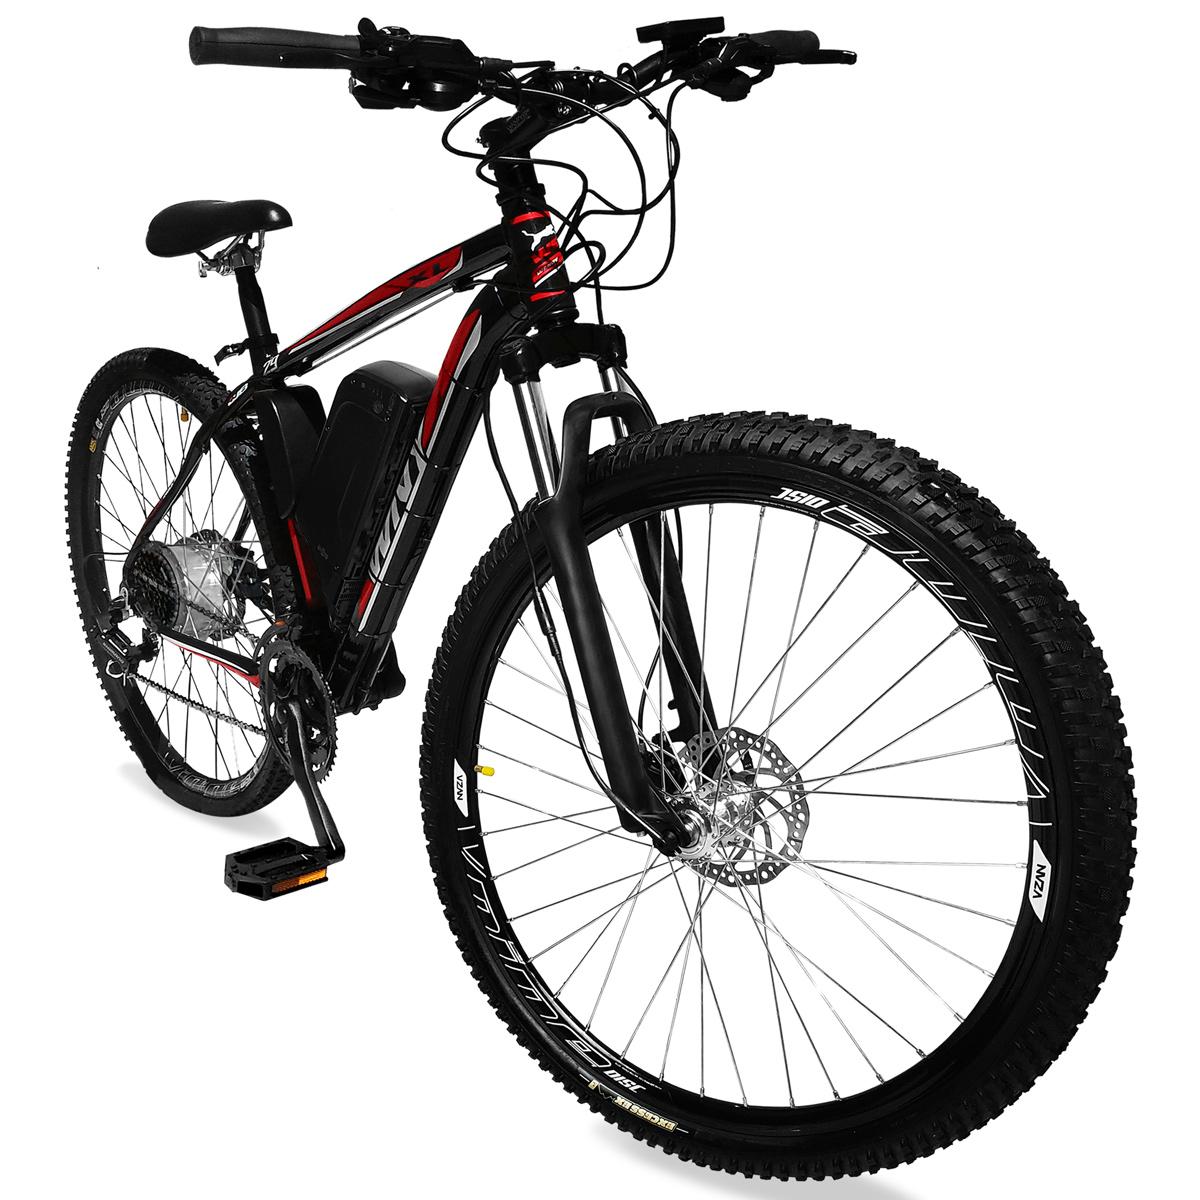 Bicicleta Elétrica Aro 29 Bateria de Lítio TecUltra 500 Watts - Freio Hidráulico